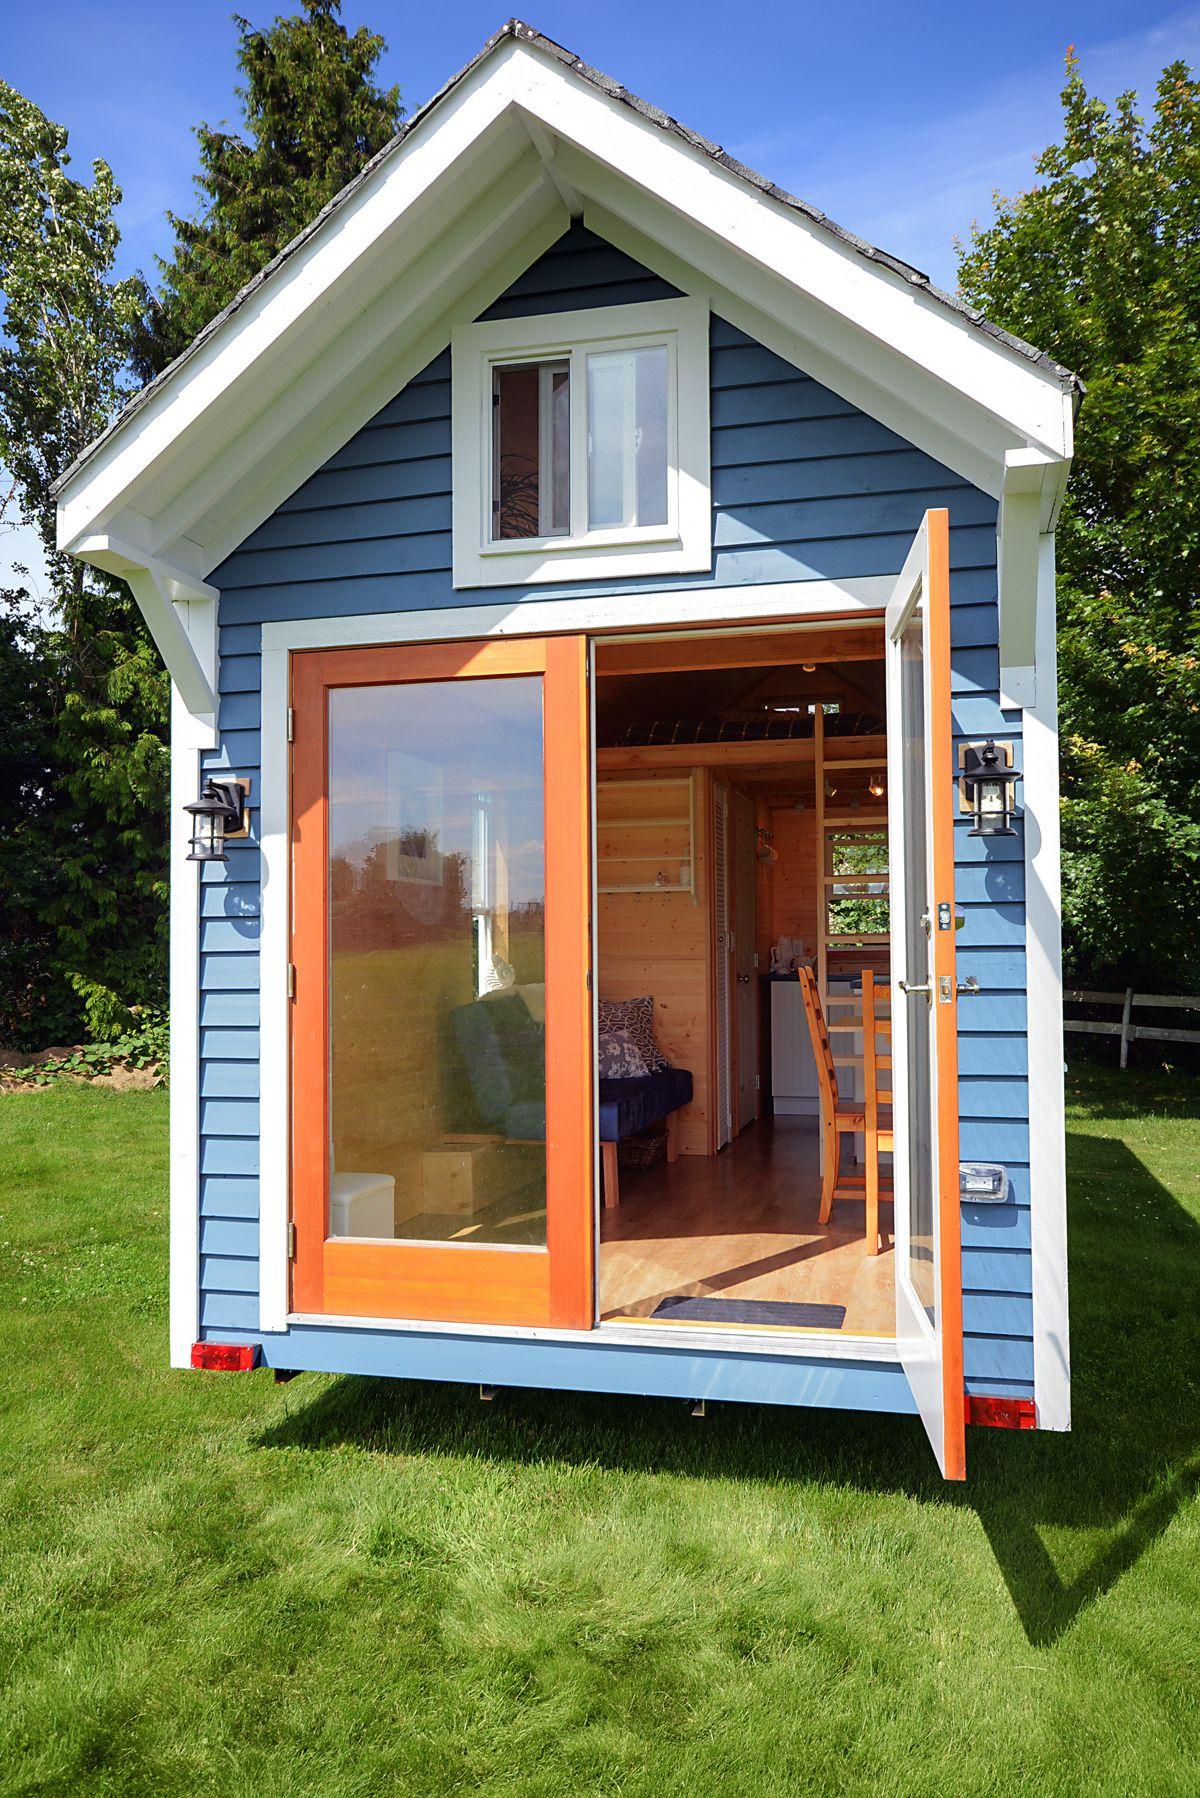 French Doors On Tiny House Poco Edition Tiny Living